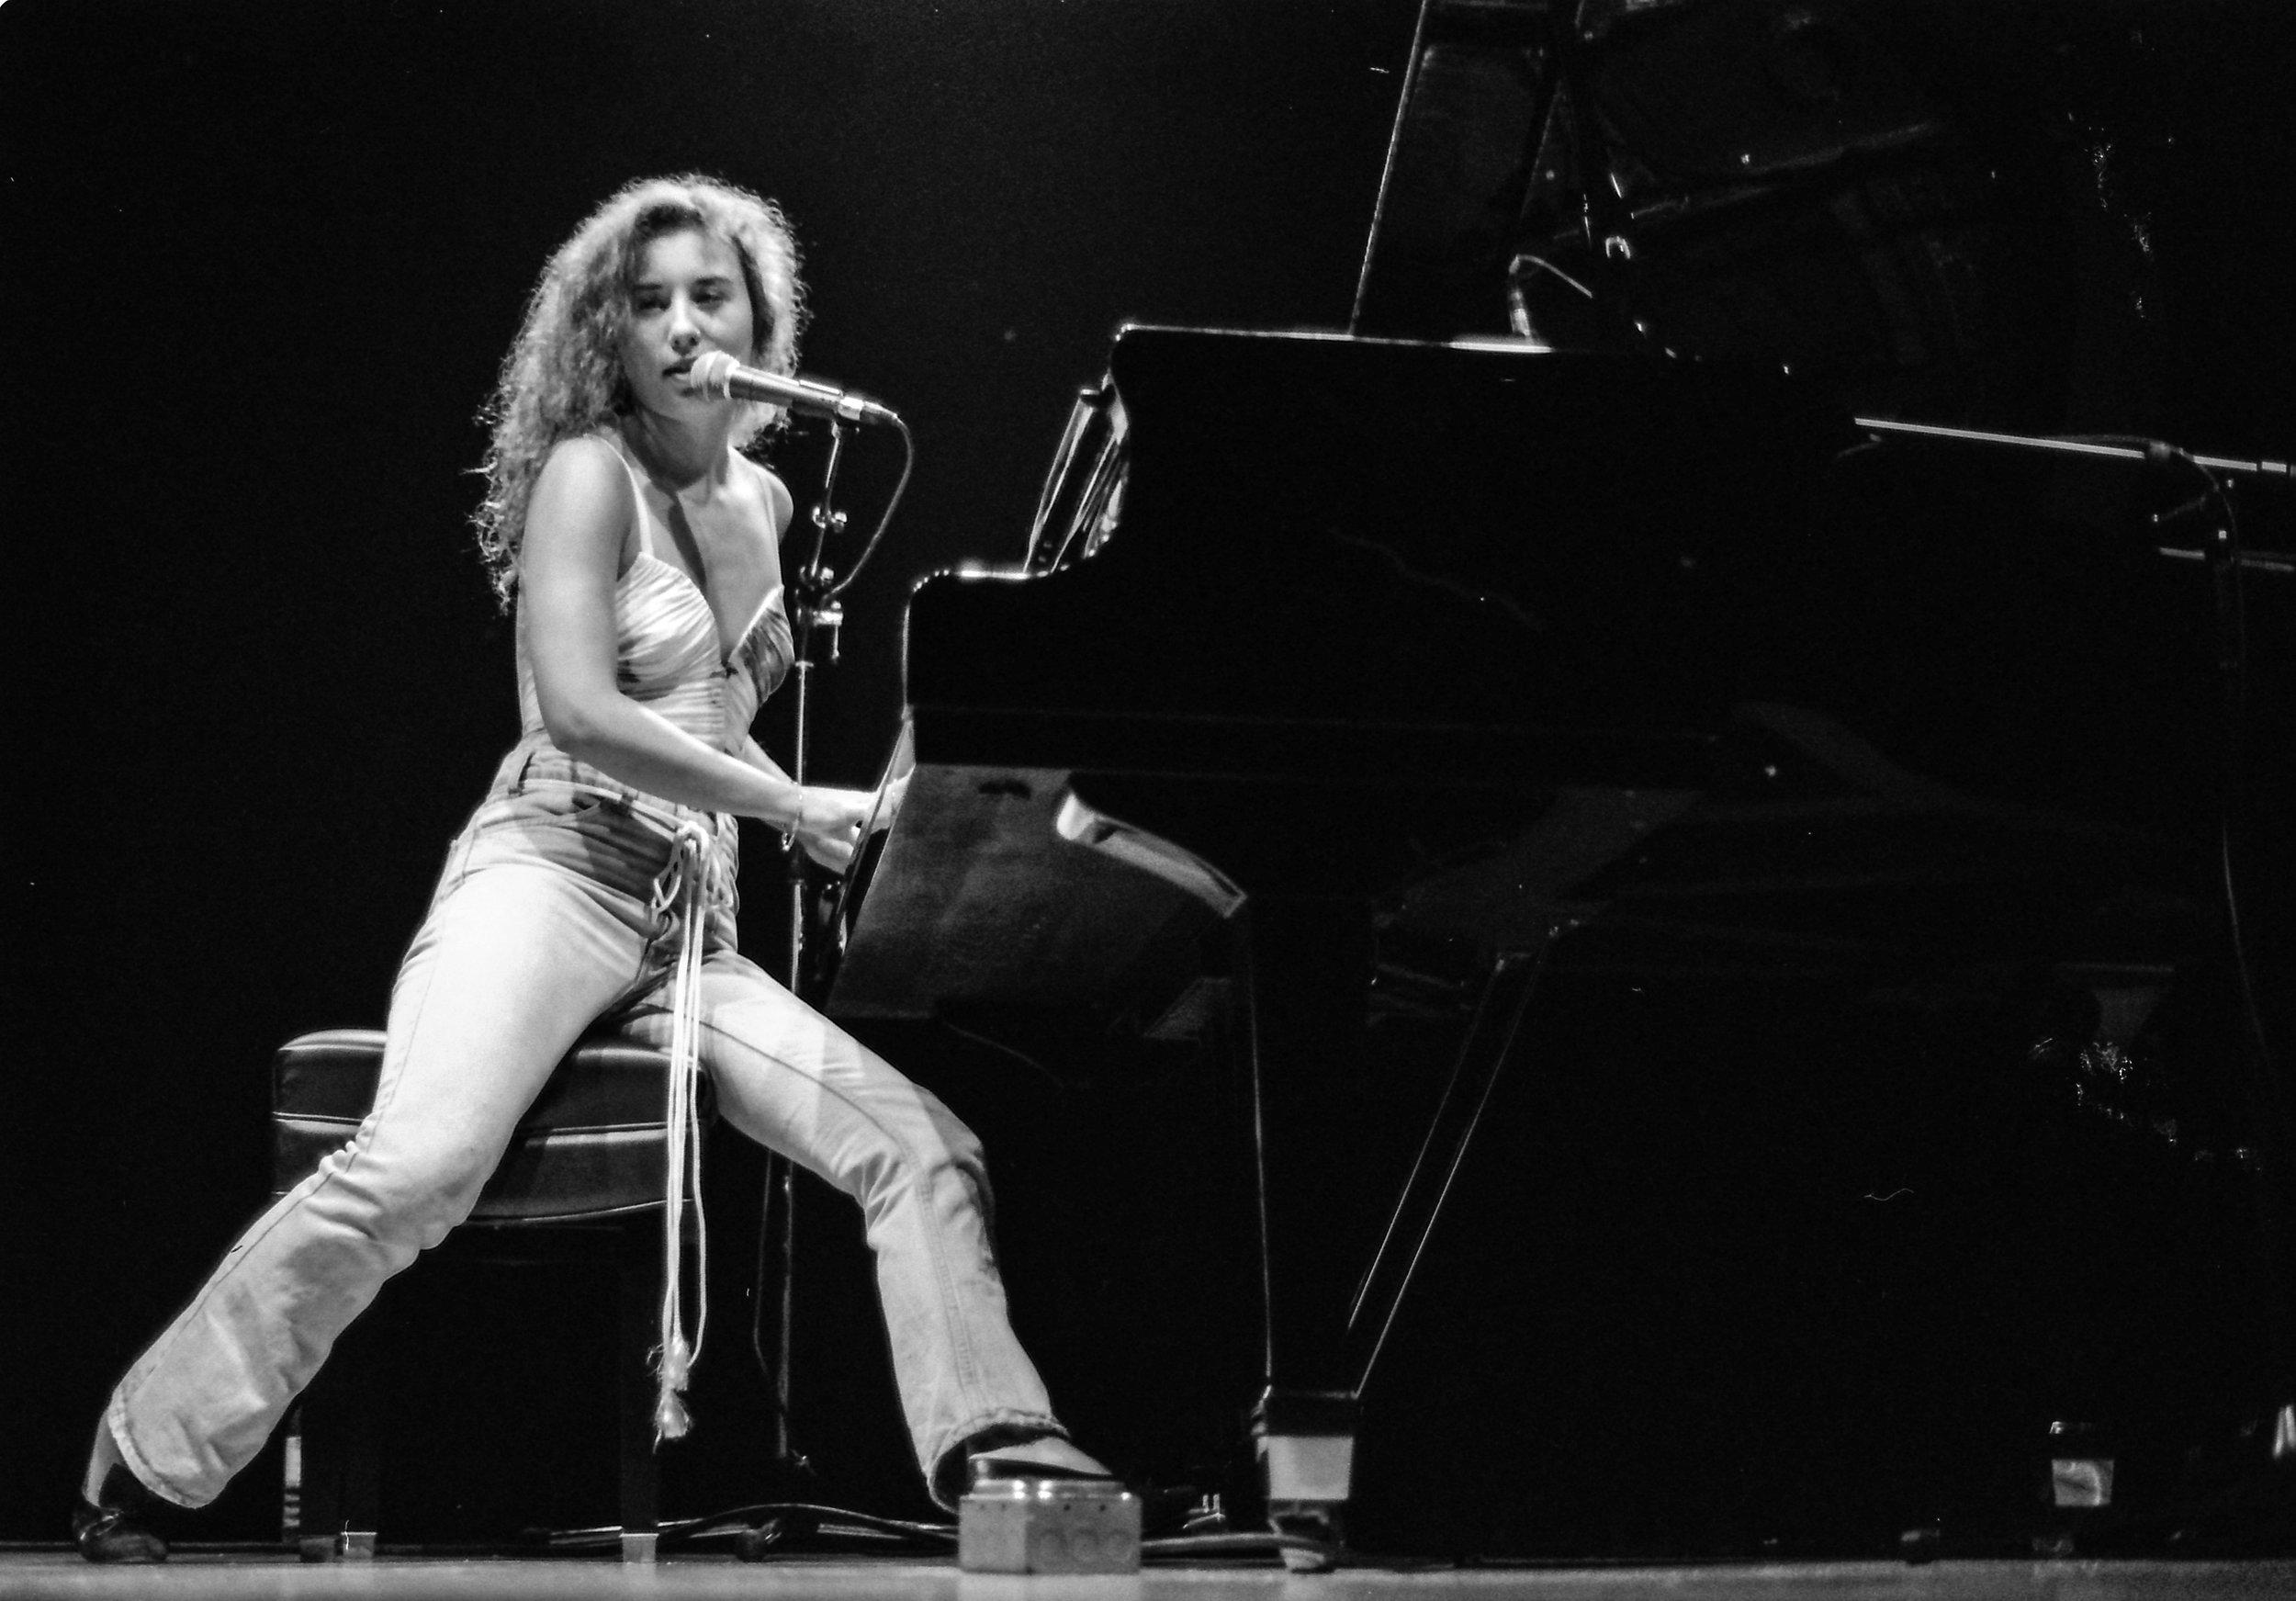 Tori Amos - 1992